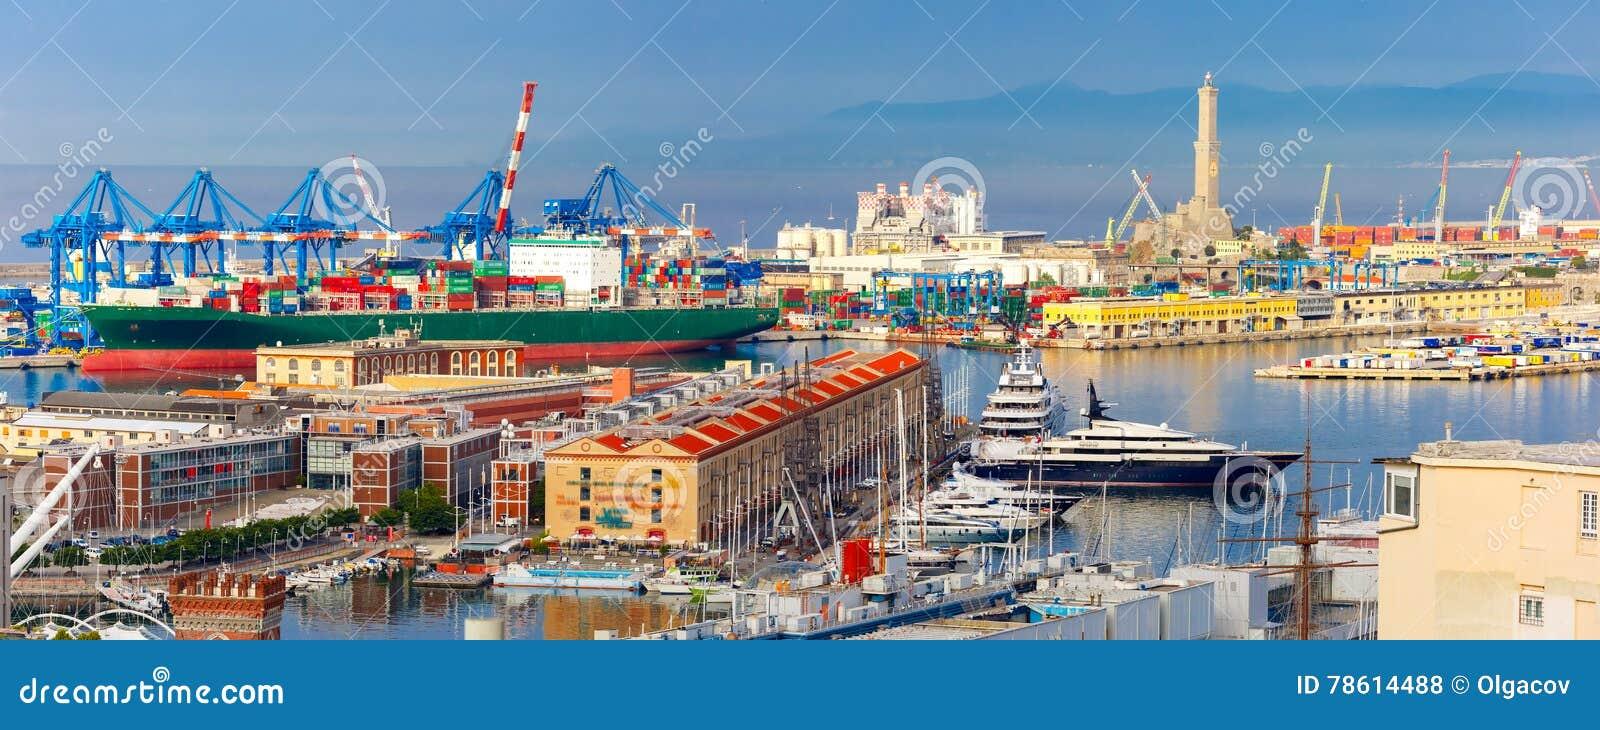 Alter Leuchtturm im Hafen von Genua, Italien